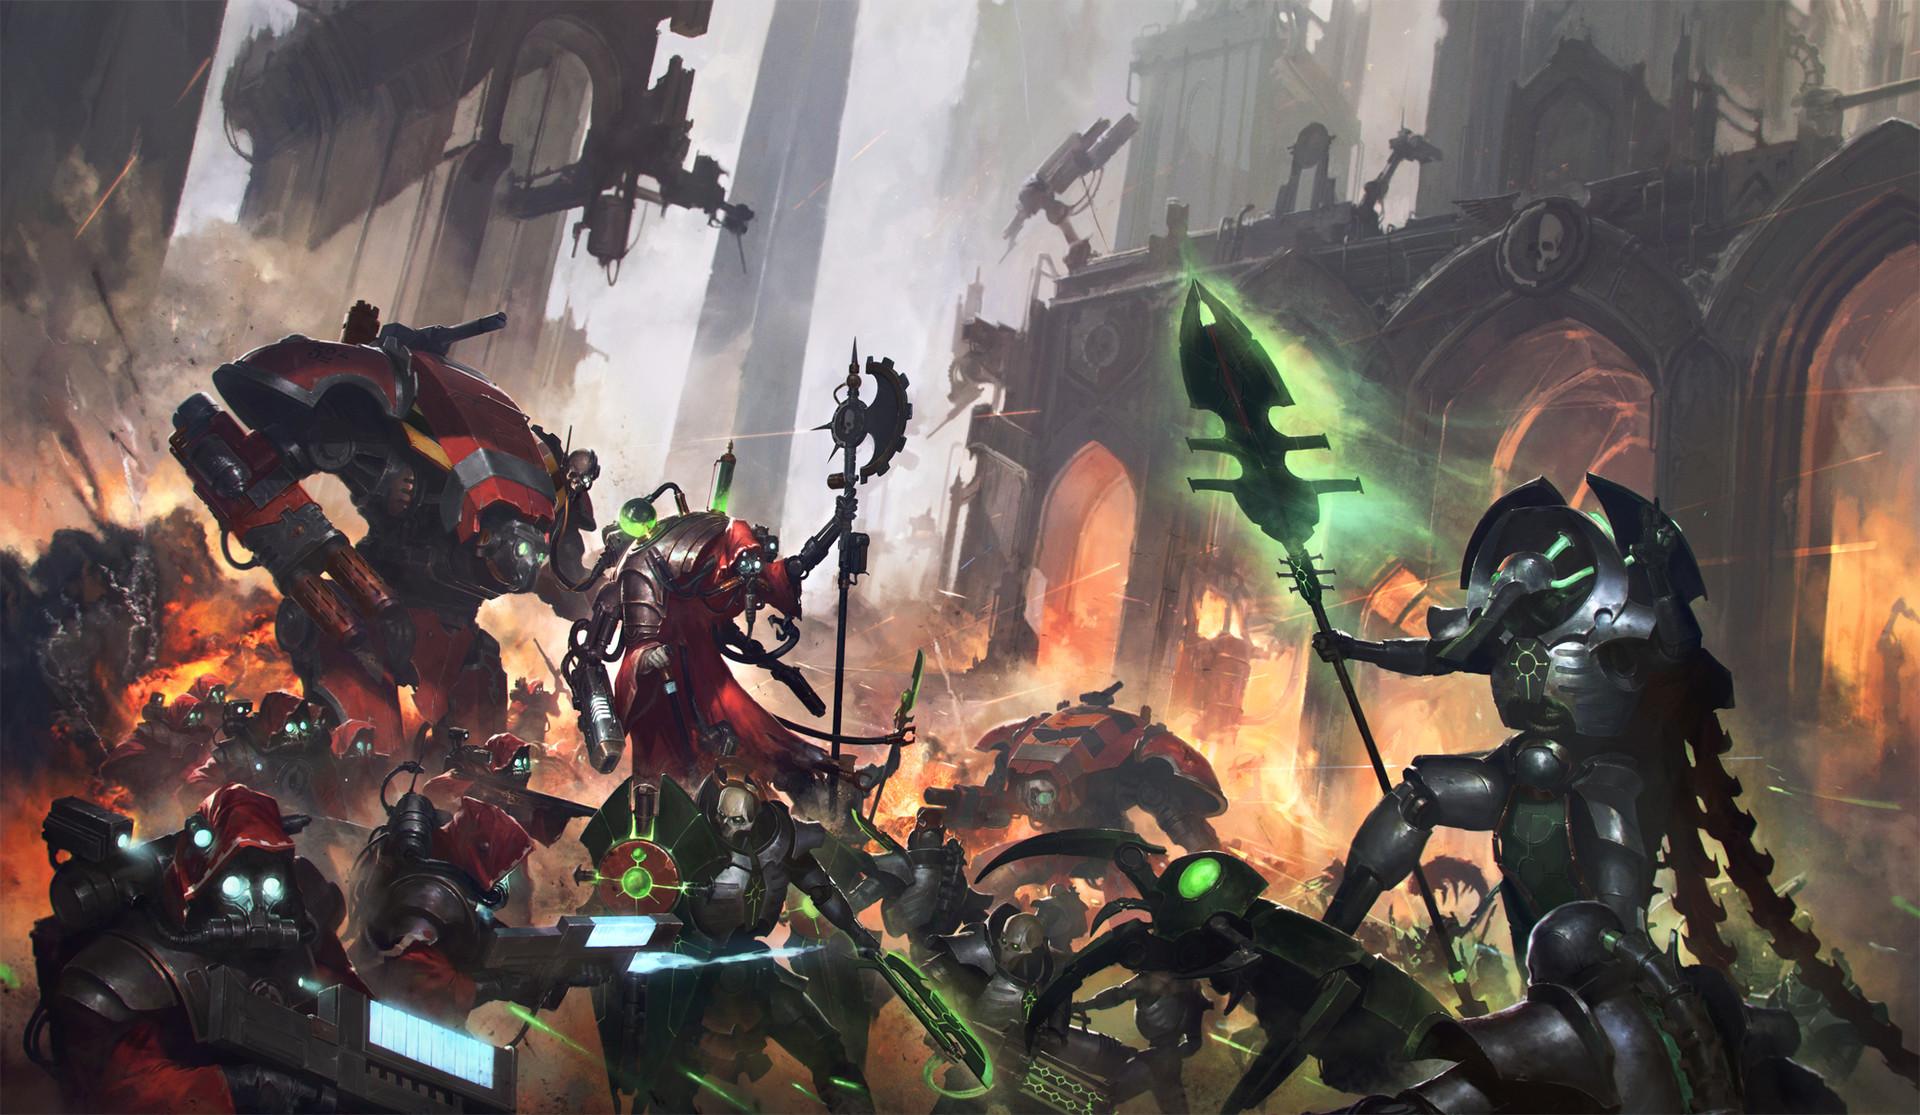 Total War Warhammer Wallpaper Hd Wallpaper 000 1920x1115 Px Adeptus Mechanicus Necrons